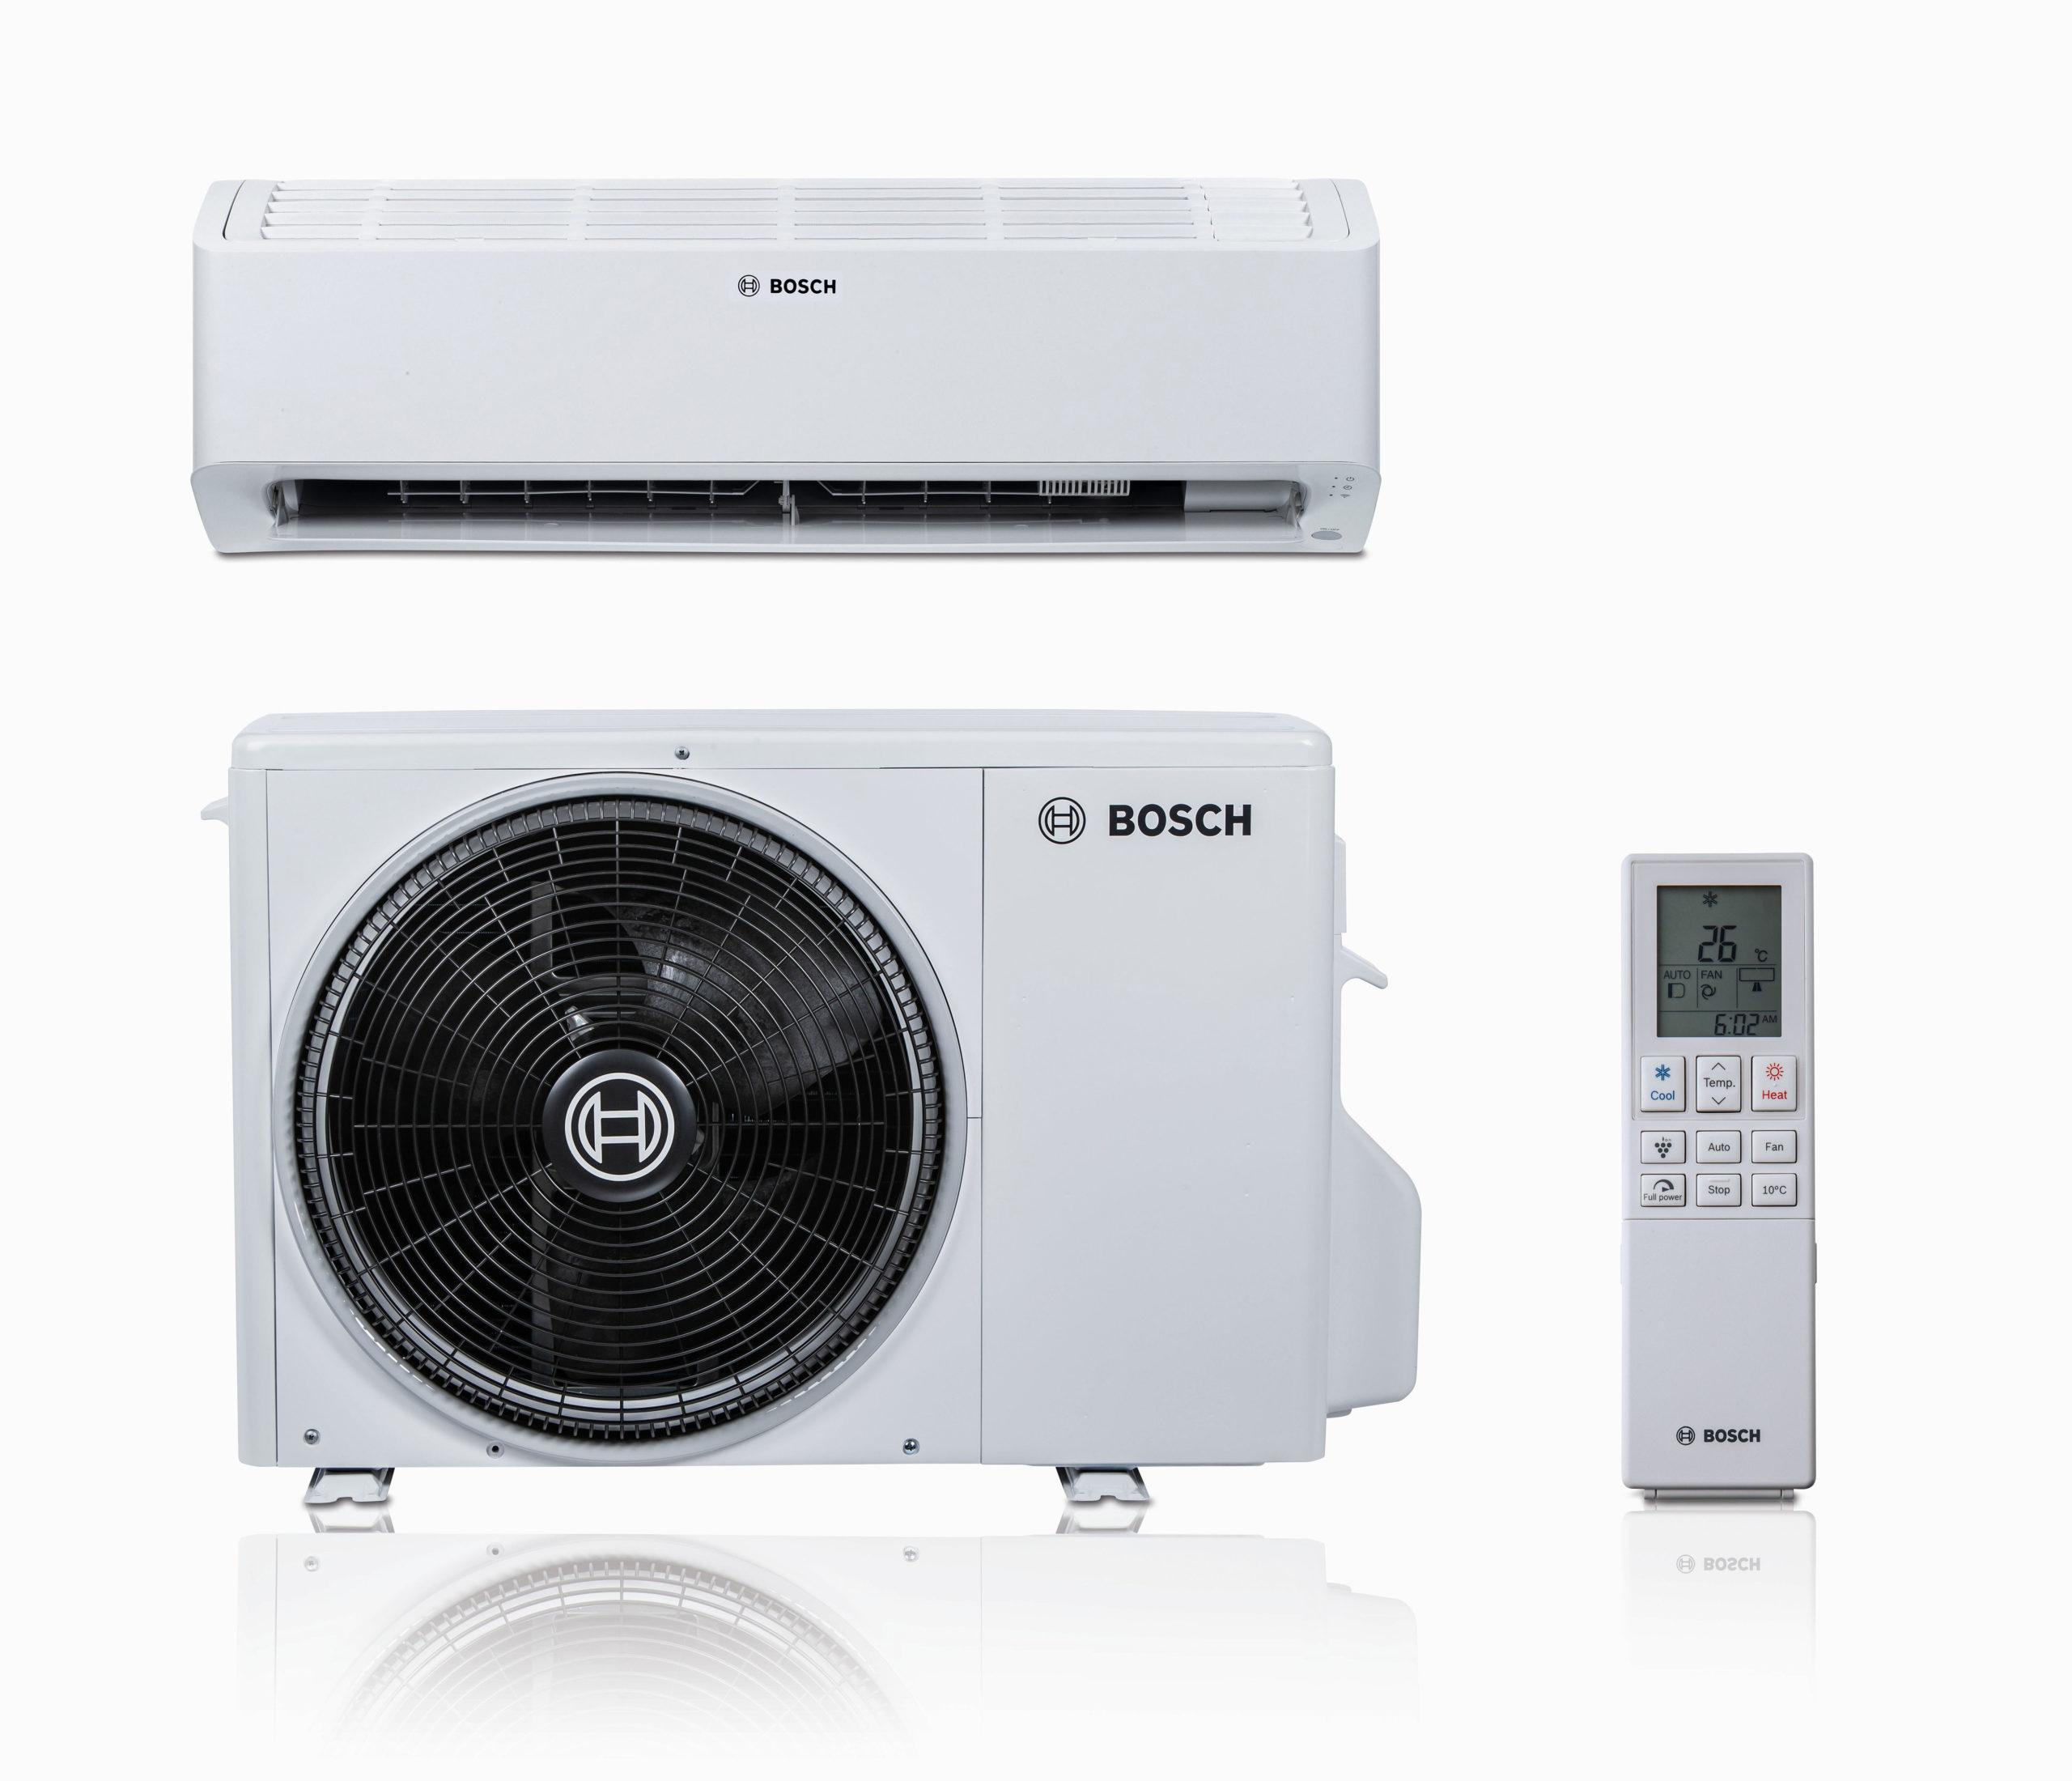 Kauf einer Klimaanlage